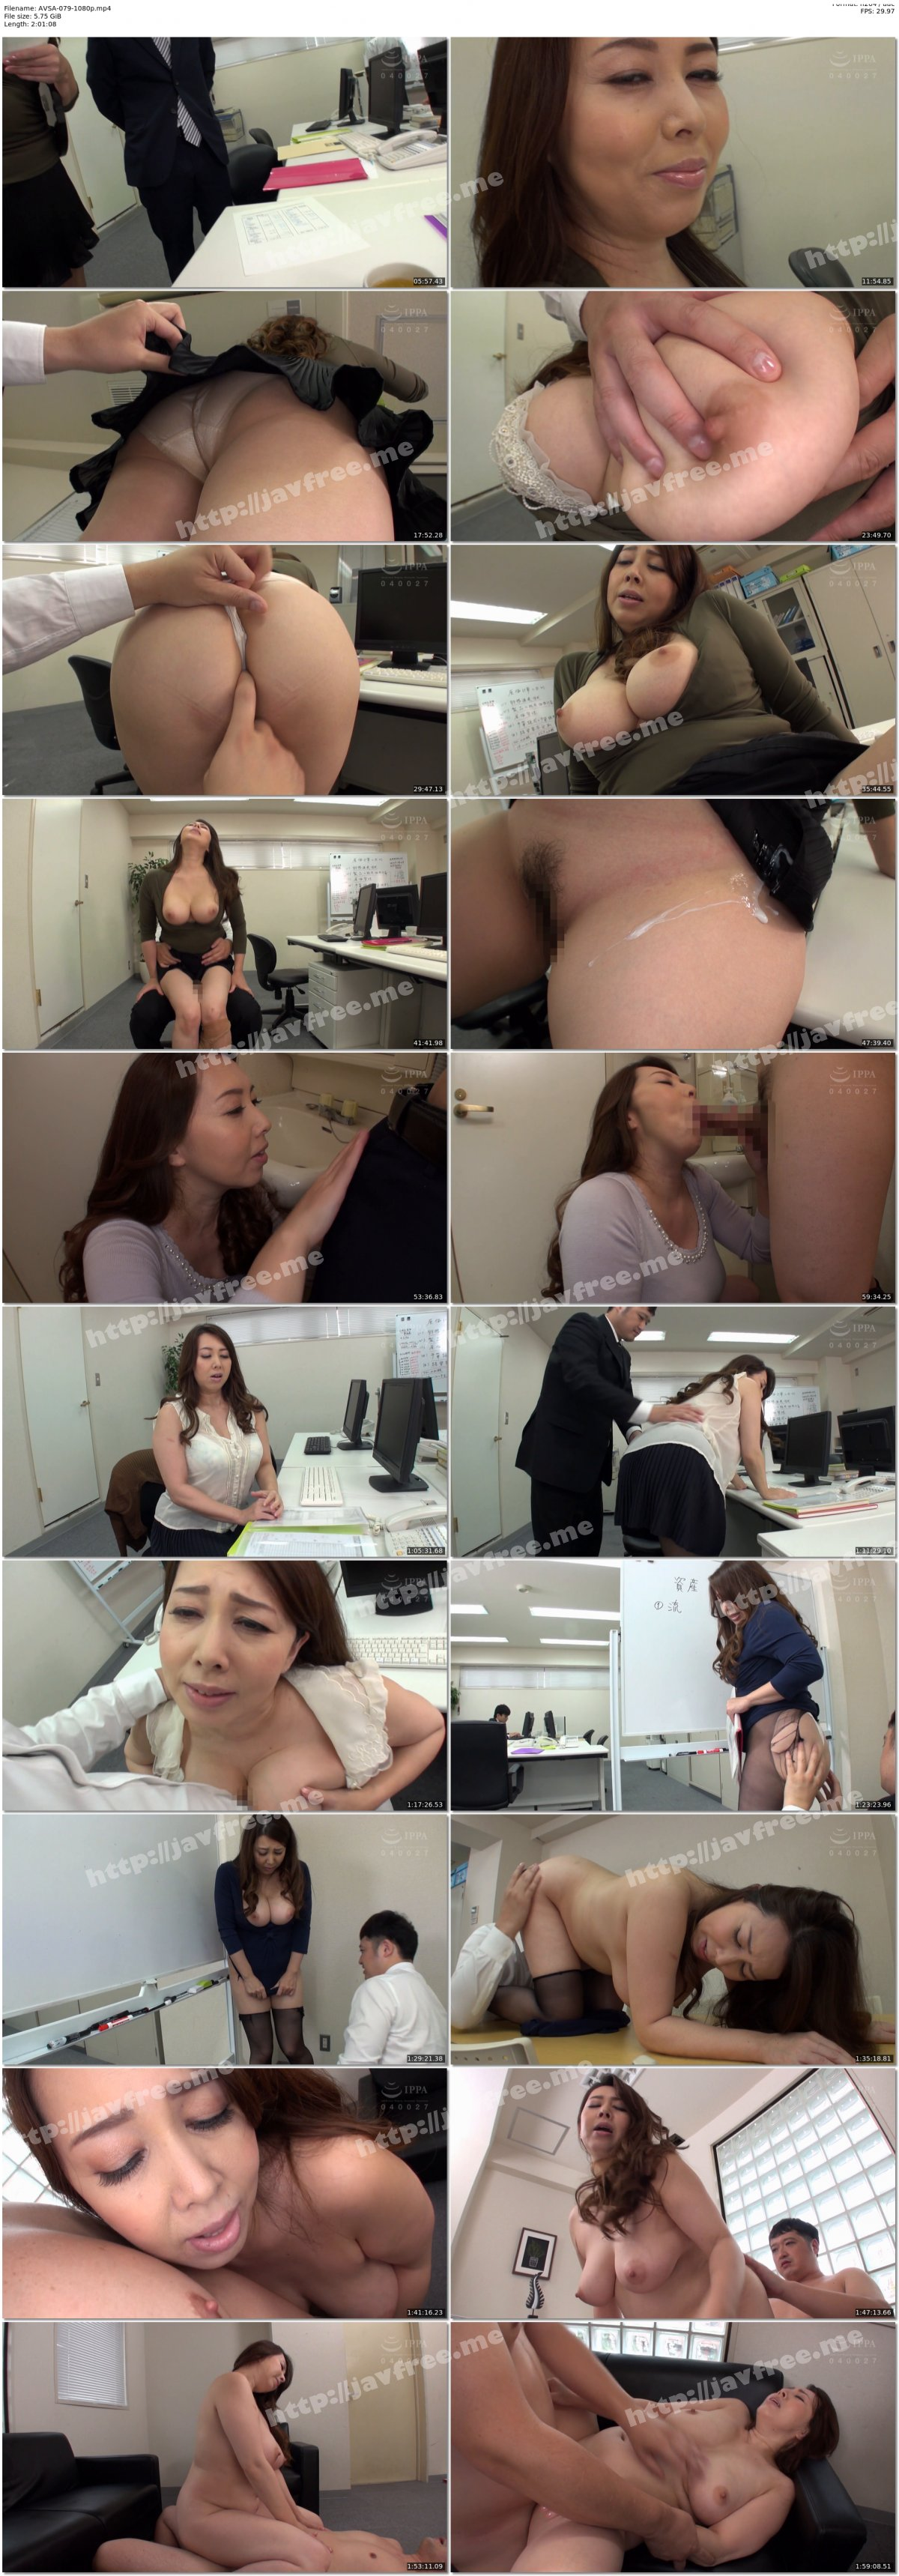 [HD][AVSA-079] 屈辱セクハラNTRドラマ 美しい部下の彼女 ~婚期を逃した豊満な女体~ - image AVSA-079-1080p on https://javfree.me